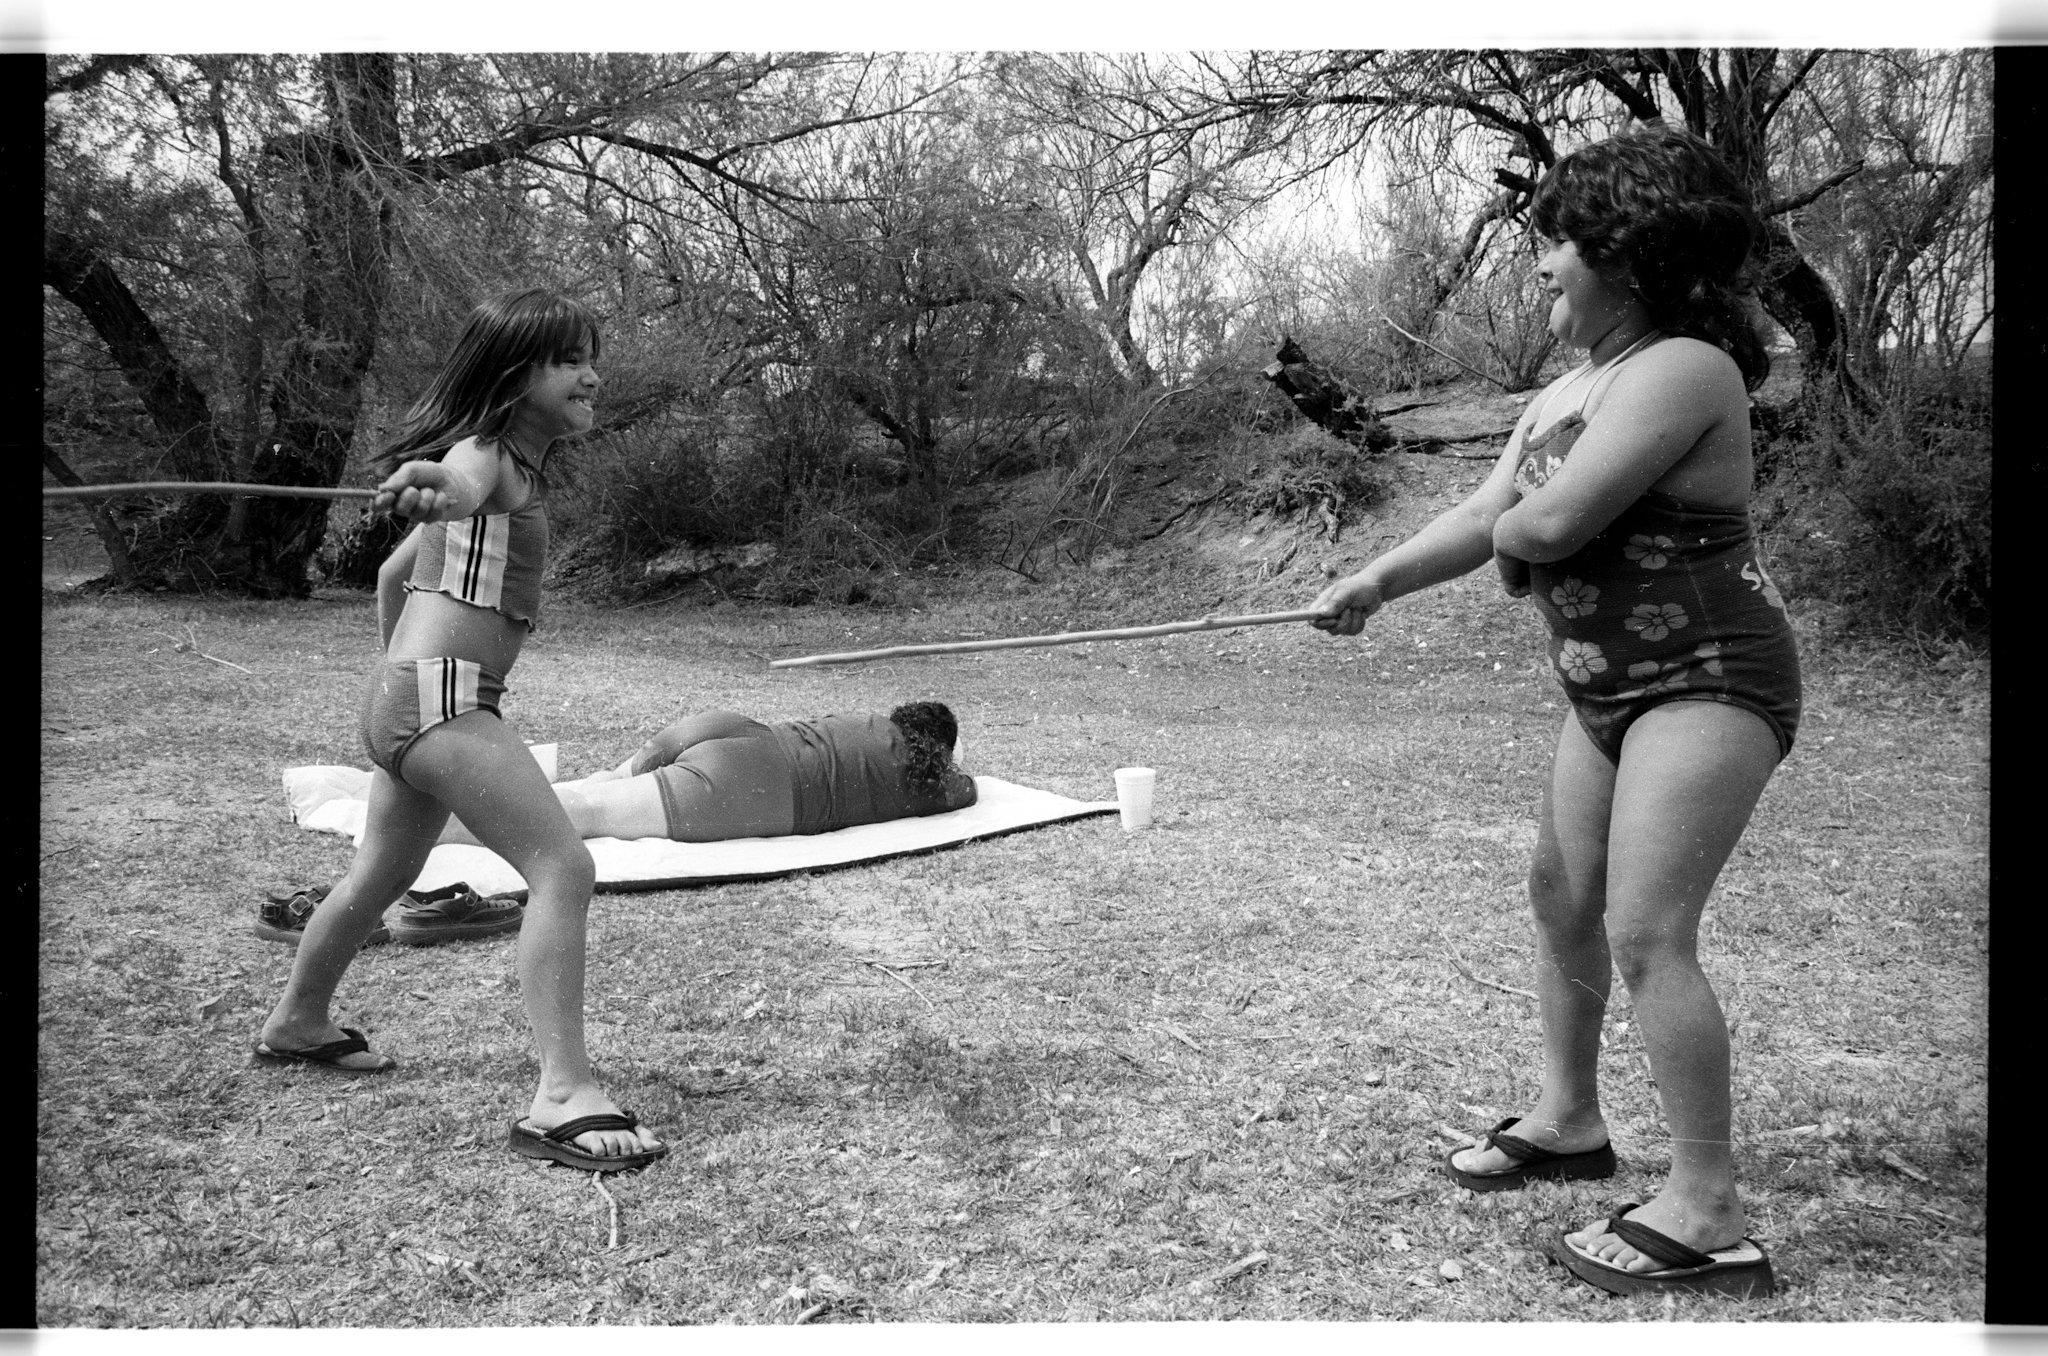 Stick fun fight